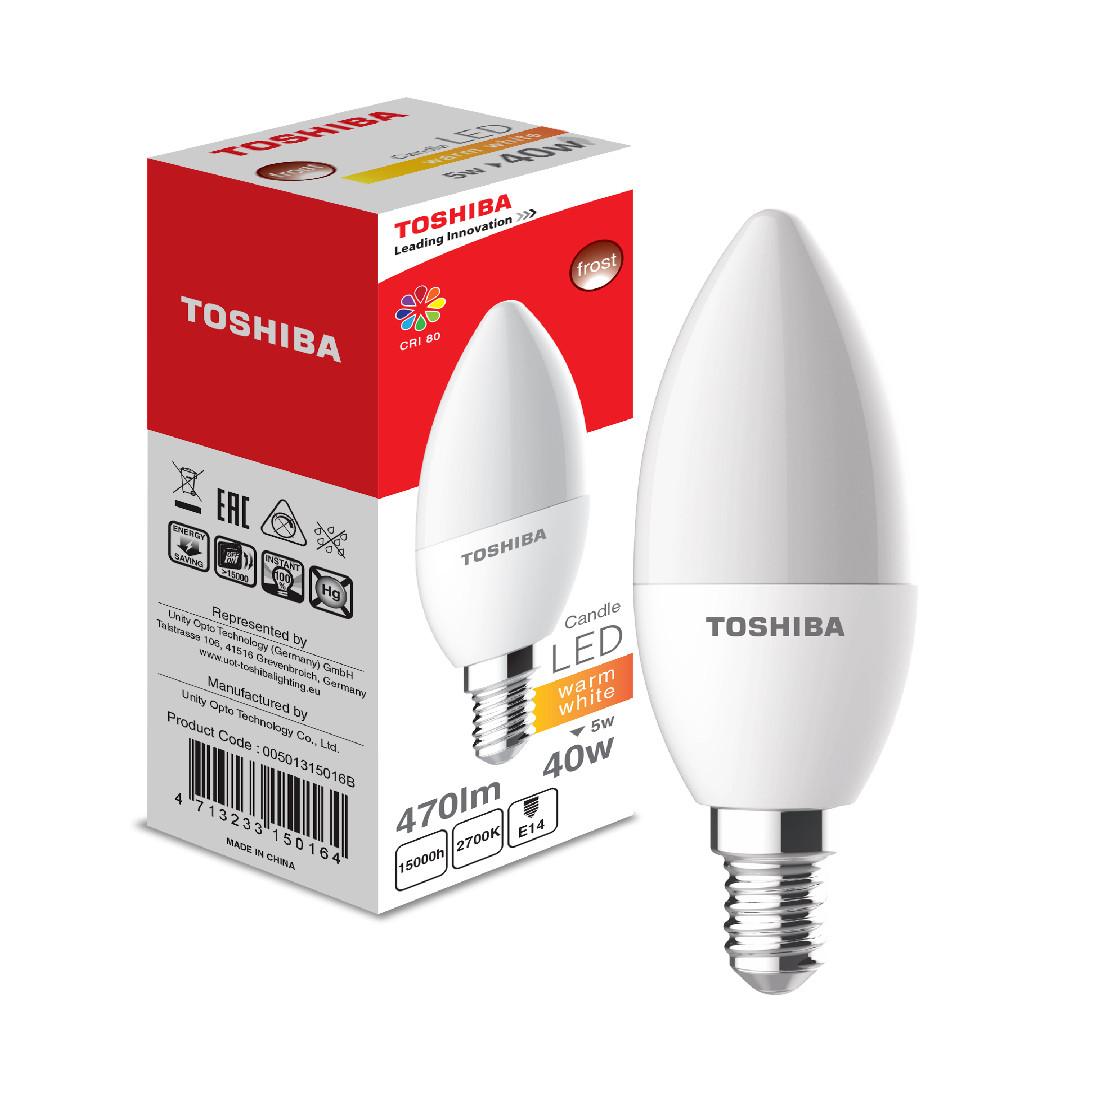 Светодиодная лампа Toshiba Froste 5W (40W) 2700K 470lm E14 ND Тёплый